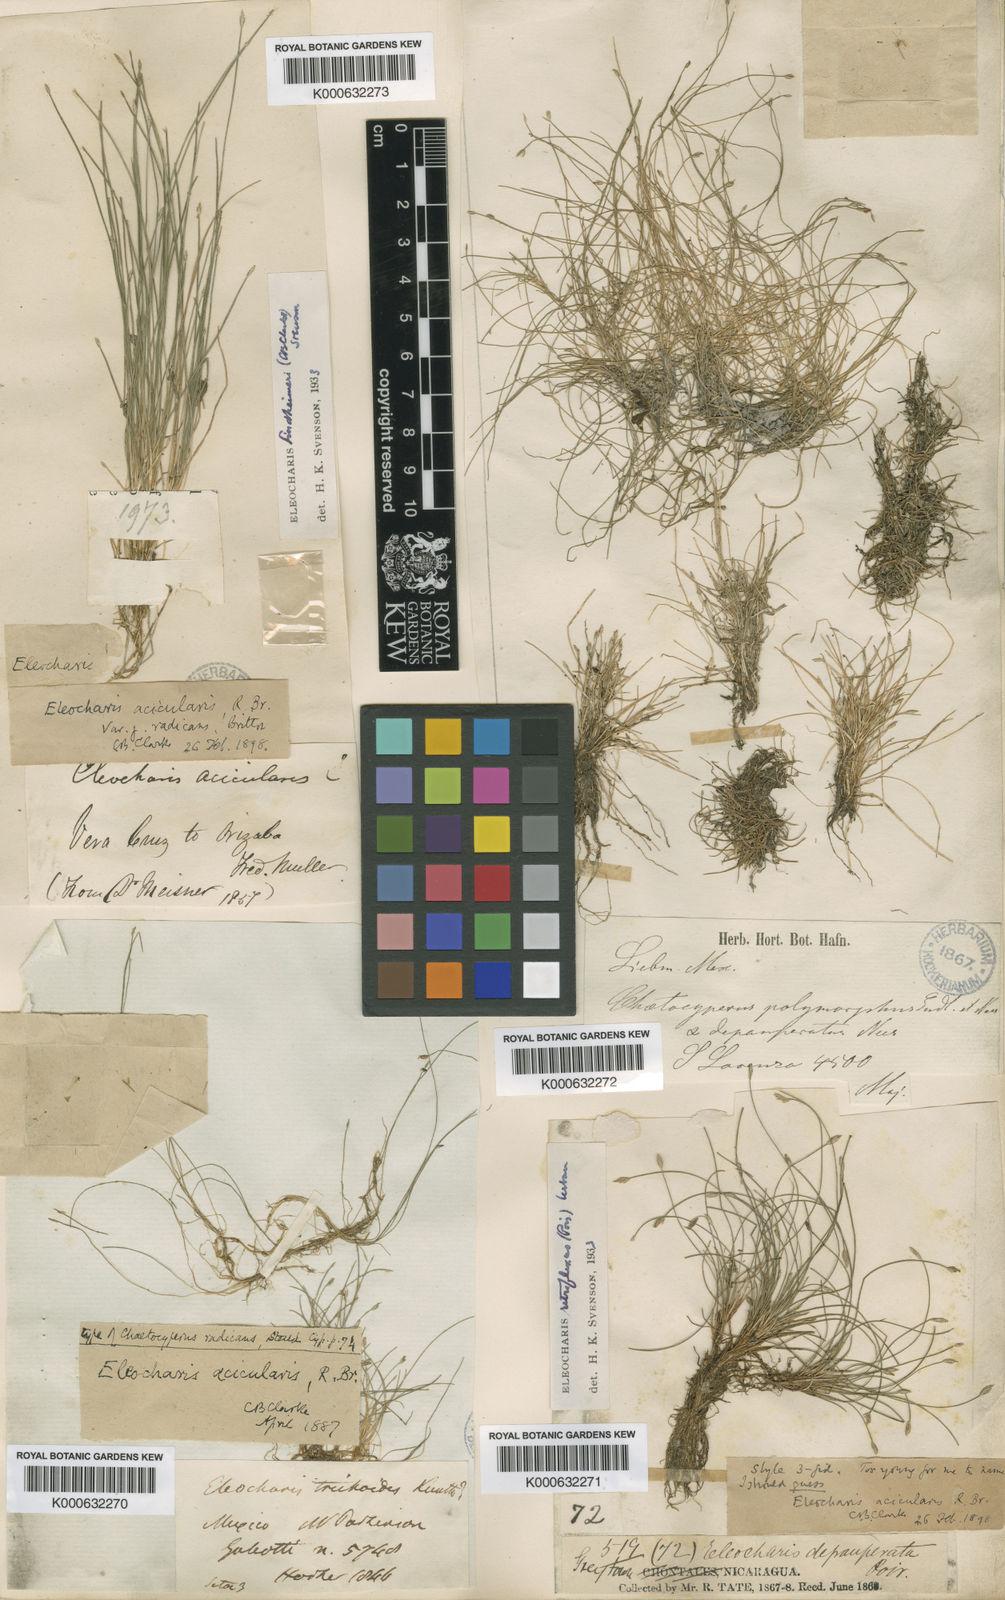 Eleocharis acicularis (L ) Roem  & Schult  | Plants of the